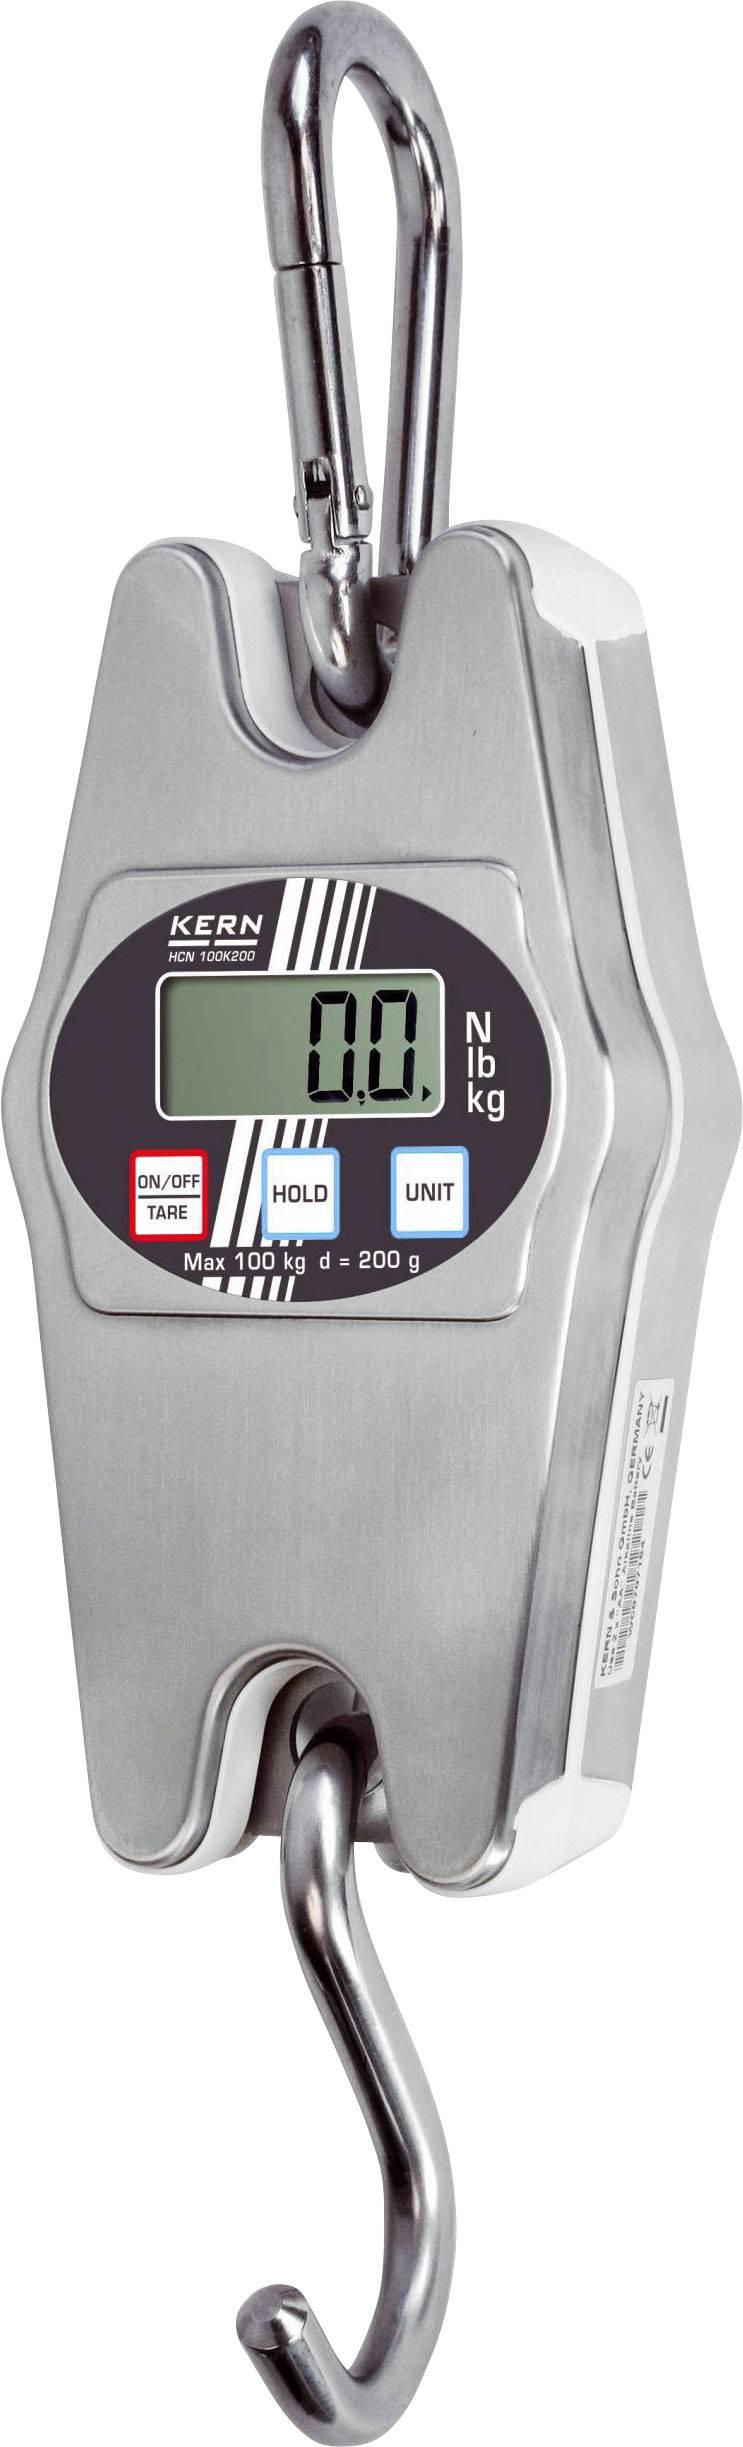 Závěsná váha Kern Max. váživost 50 kg, Rozlišení 100 g Kalibrováno dle ISO